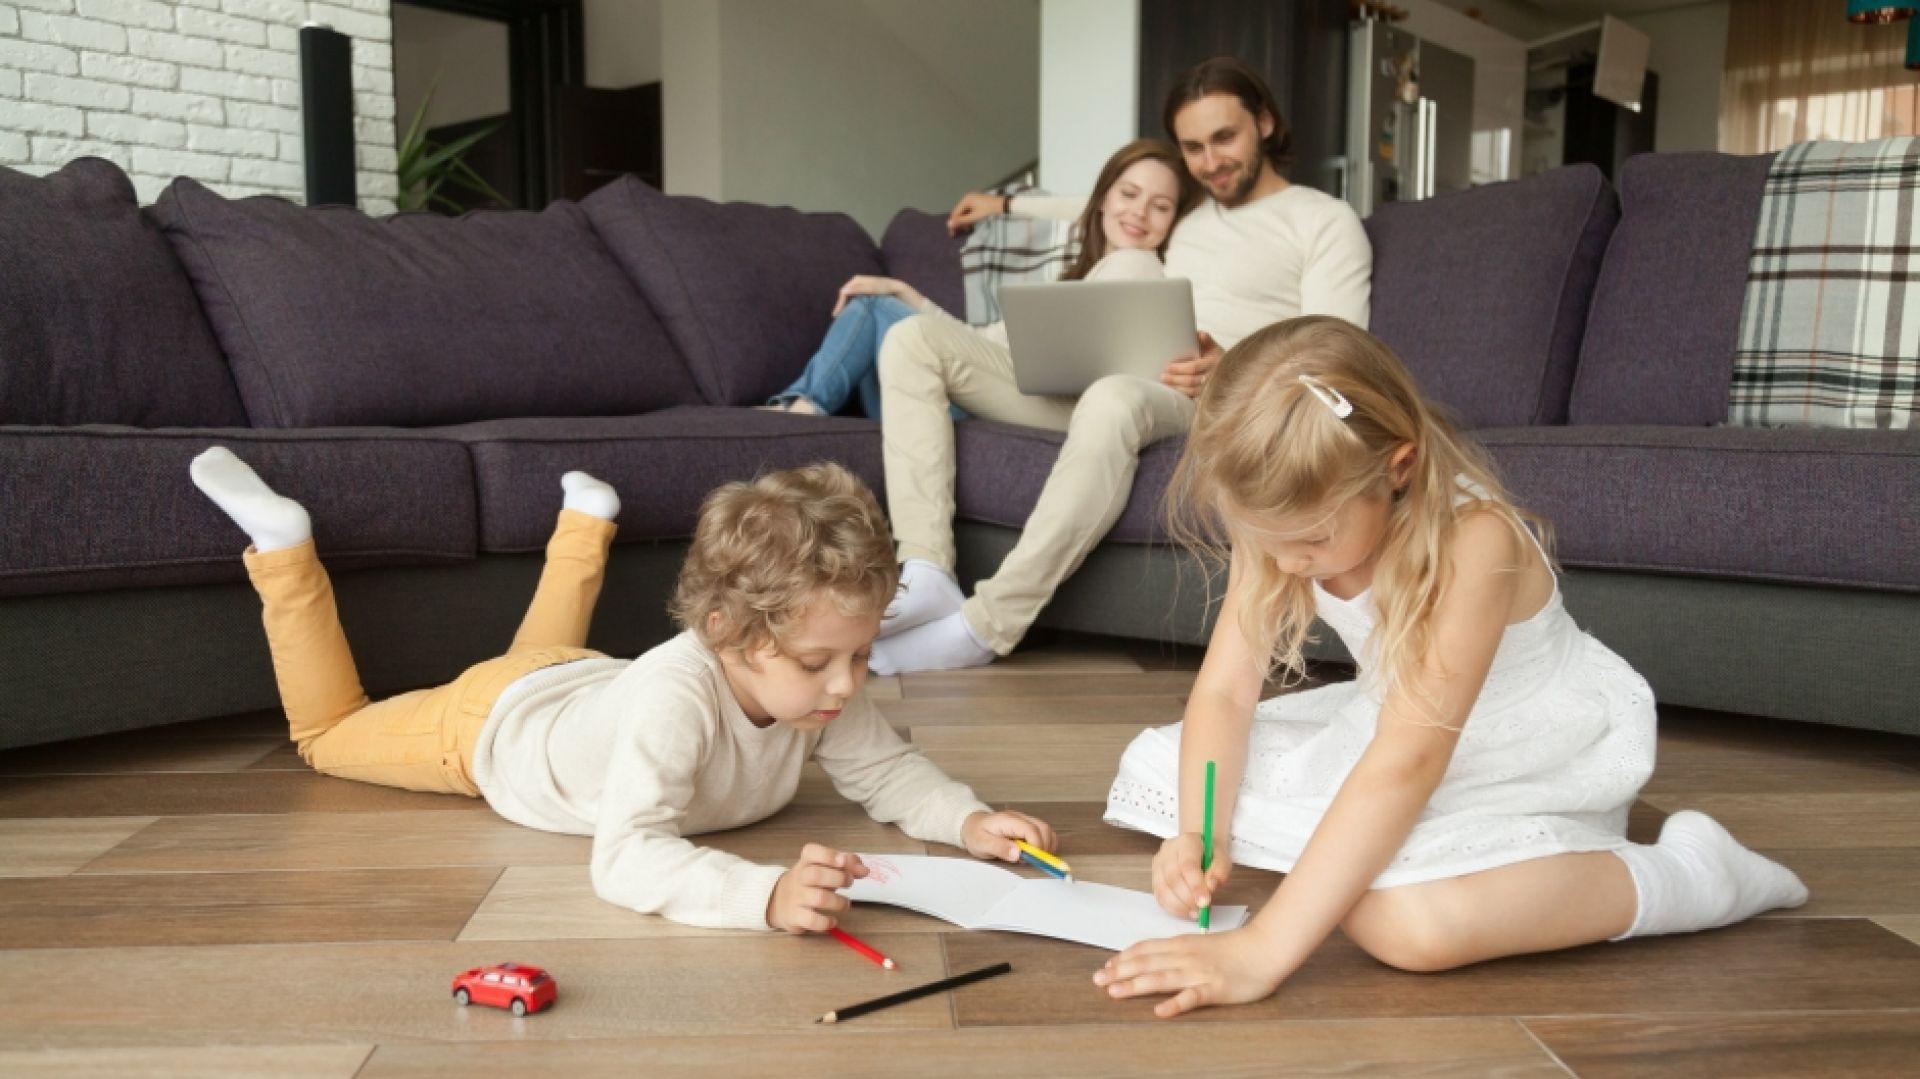 Oszczędzaj czas, dzięki inteligentnemu zarządzaniu. Fot. Shutterstock